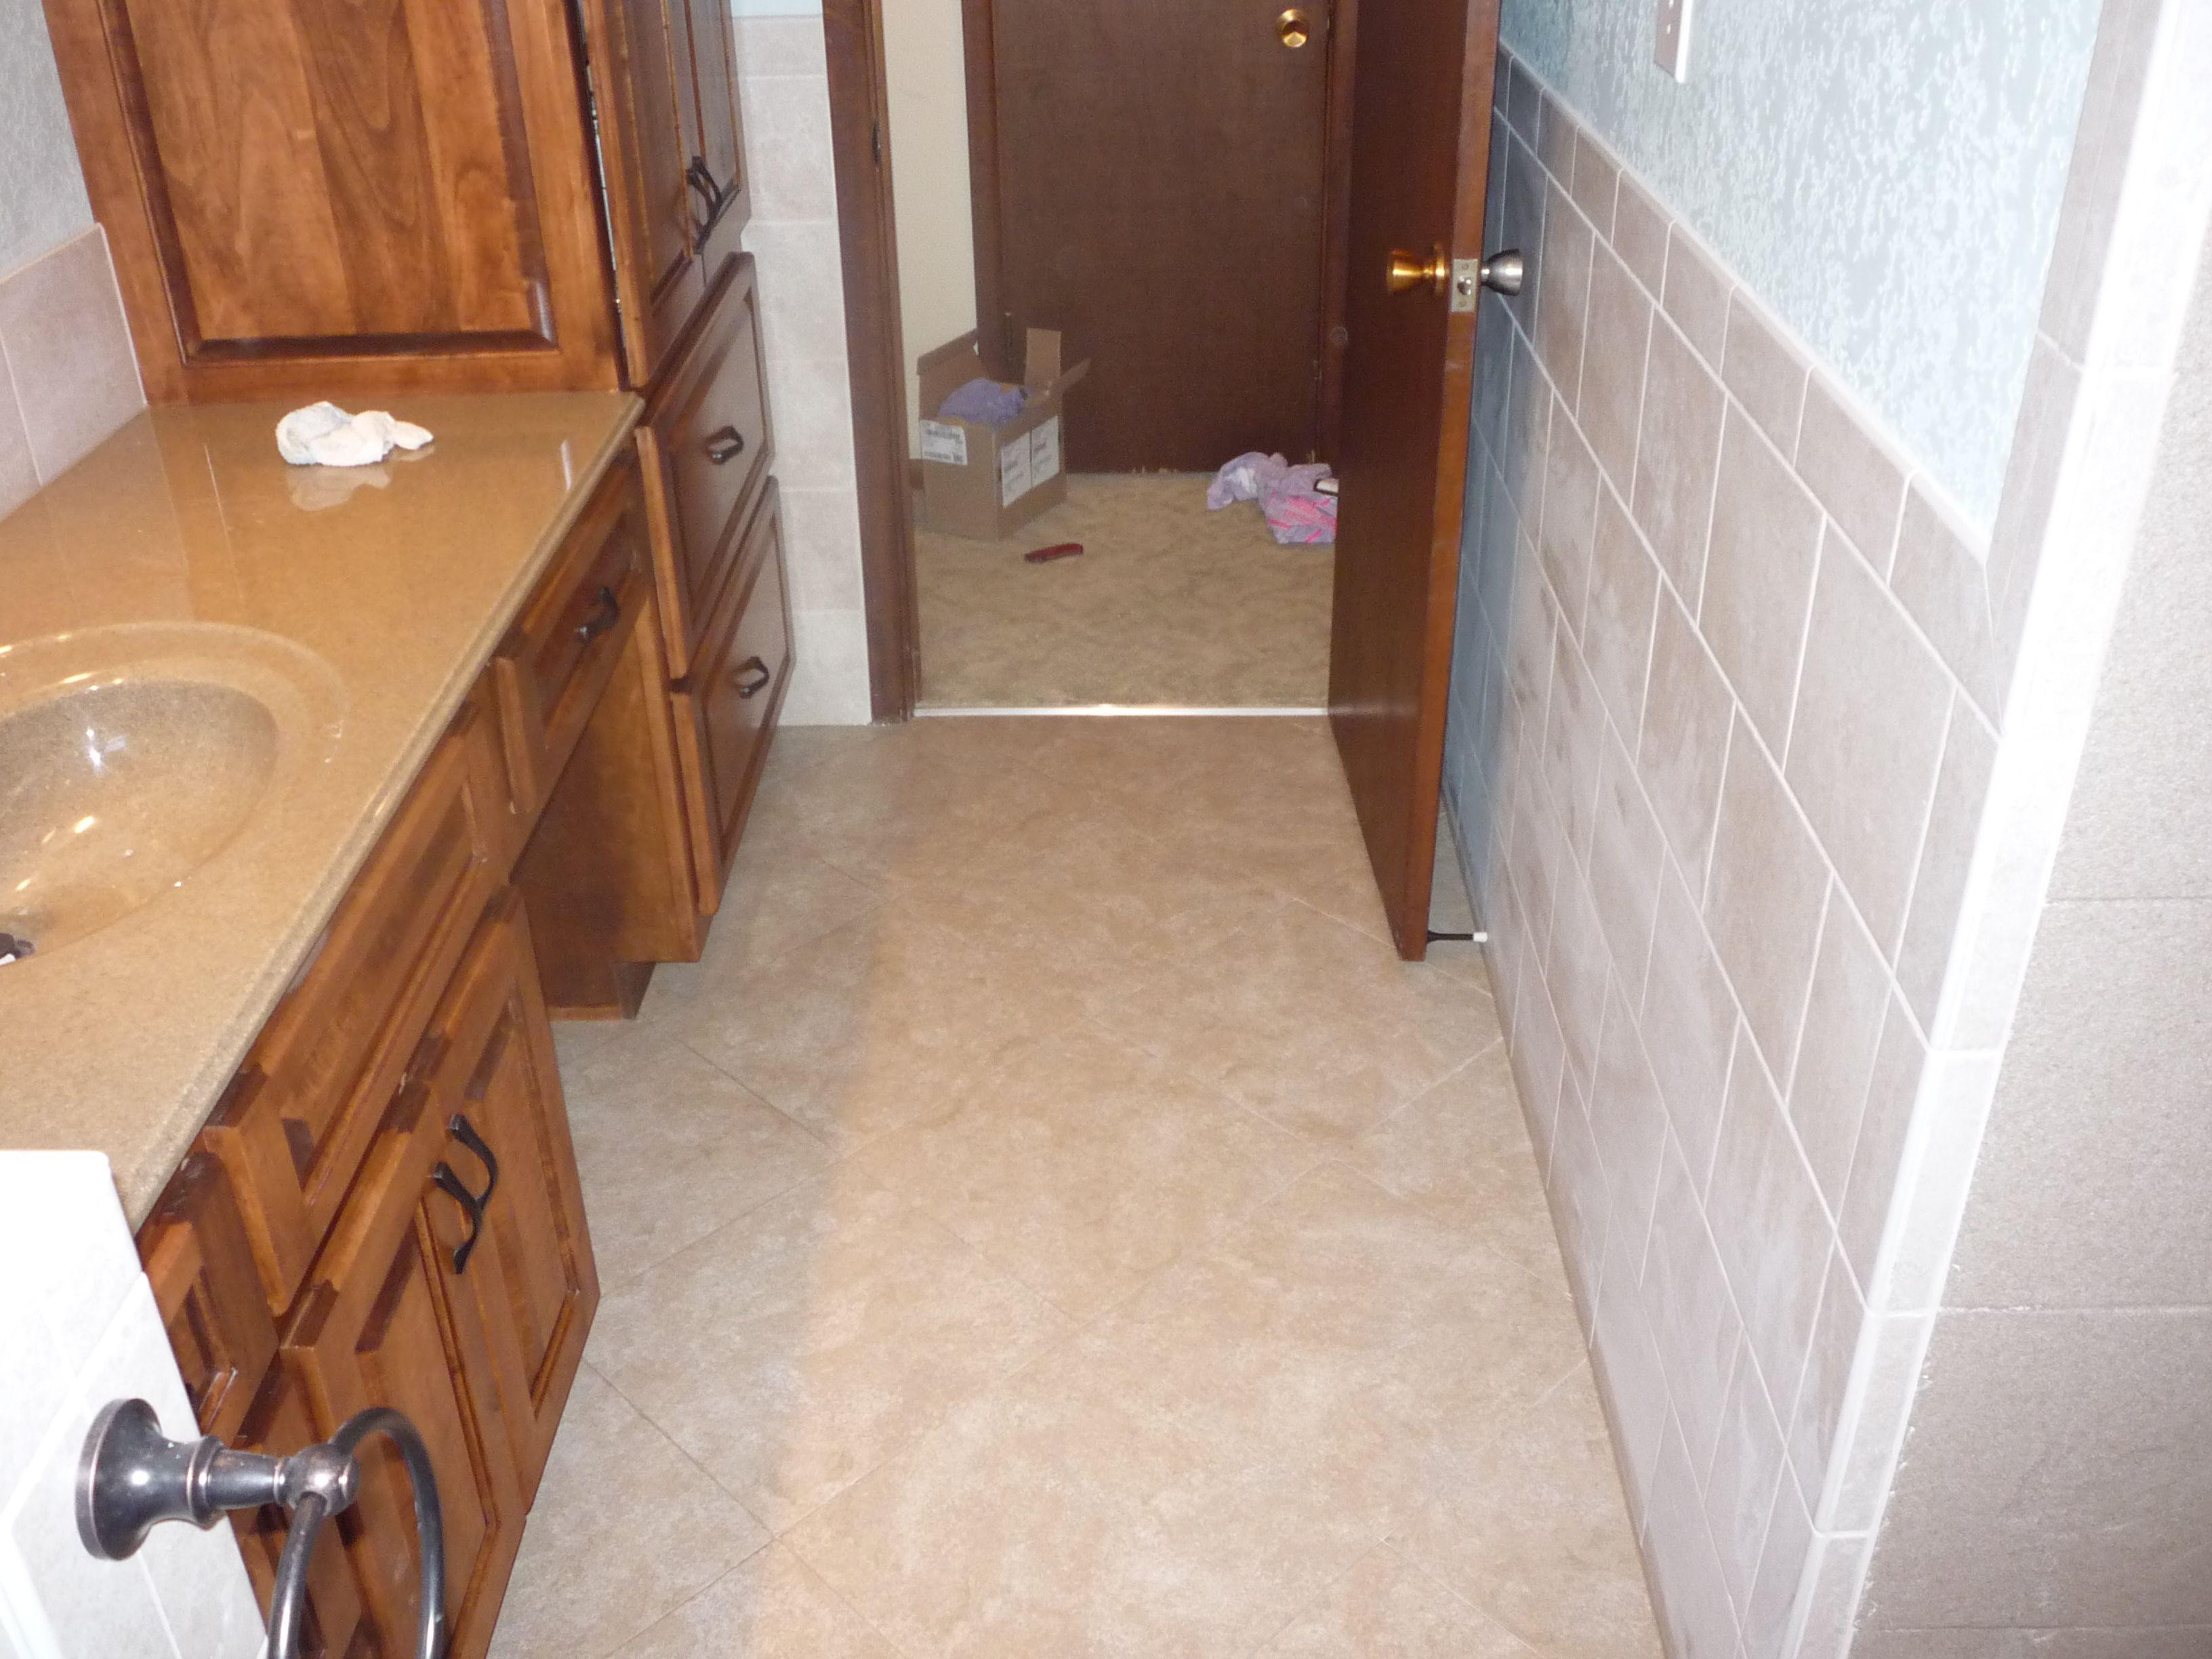 Bathroom remodel ceramic tile on walls dura ceramic flooring bathroom remodel ceramic tile on walls dura ceramic flooring onyx vanity top doublecrazyfo Images